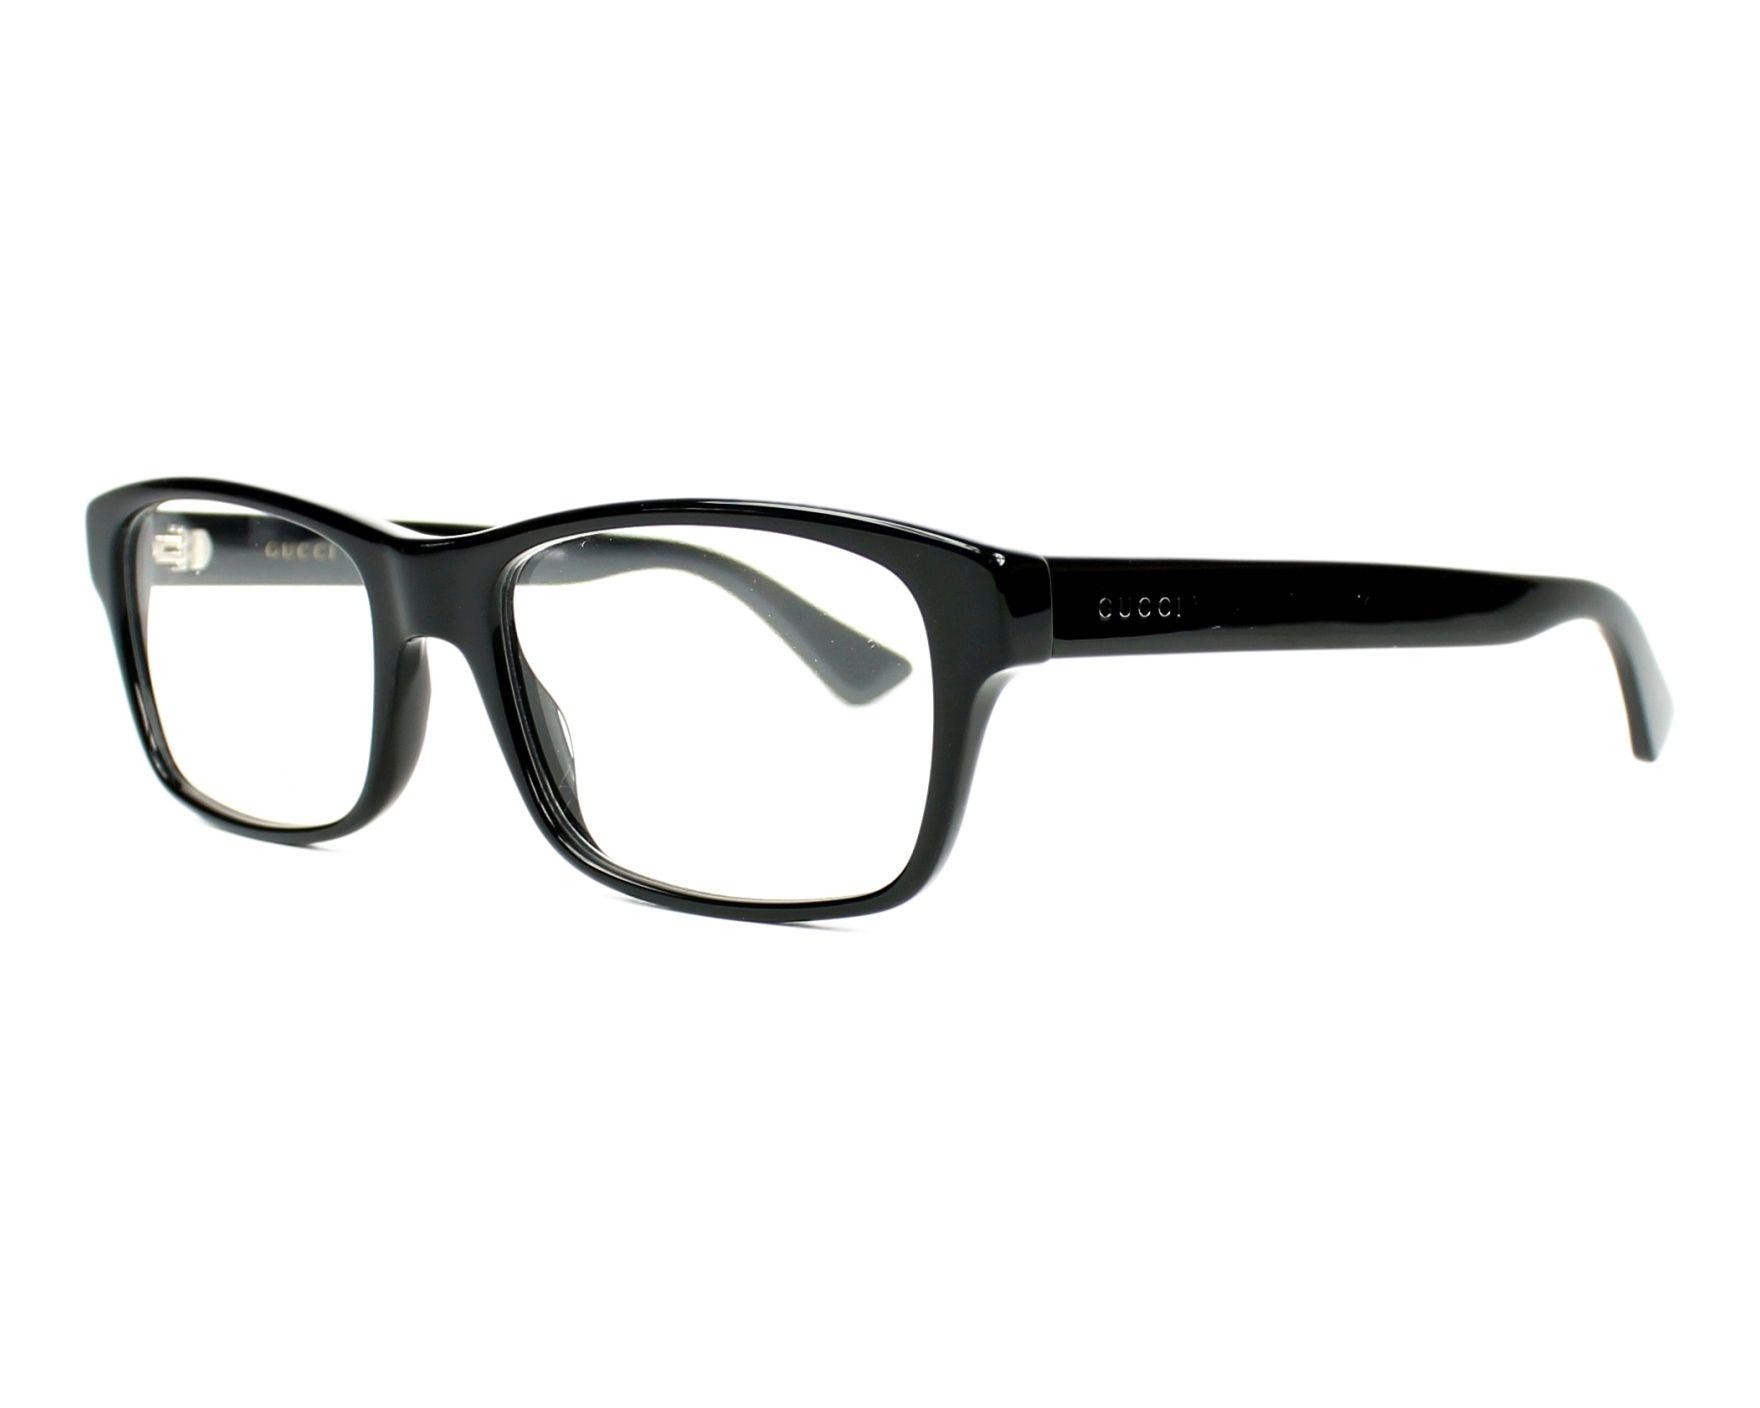 Gucci Eyeglasses Black GG-0006-O 005 - Visionet US